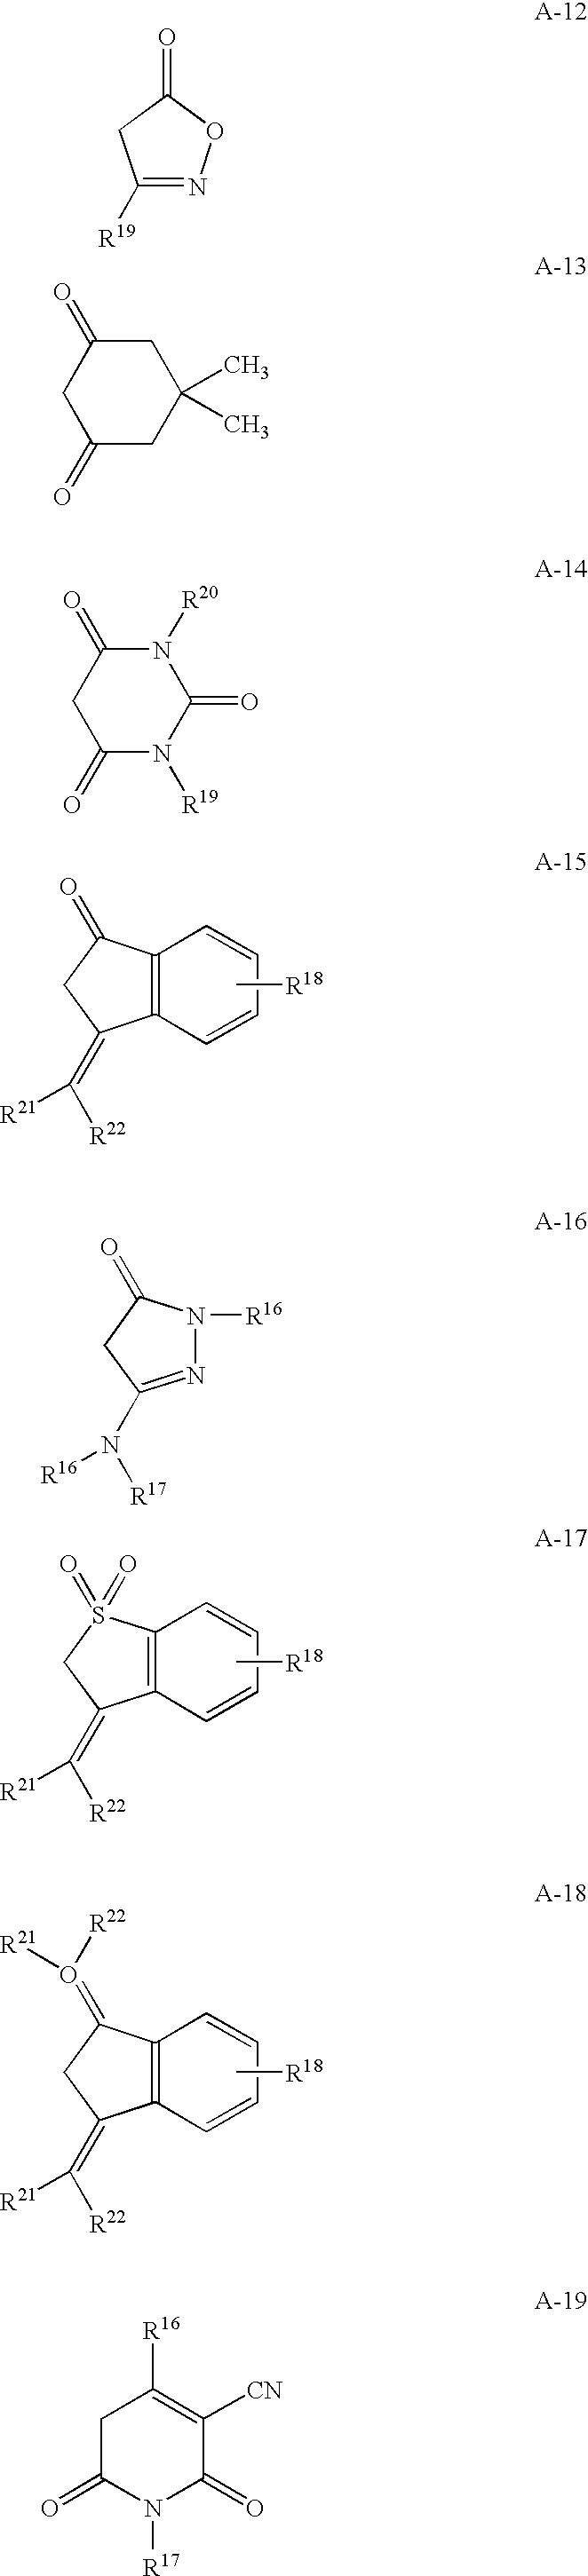 Figure US20070287822A1-20071213-C00057